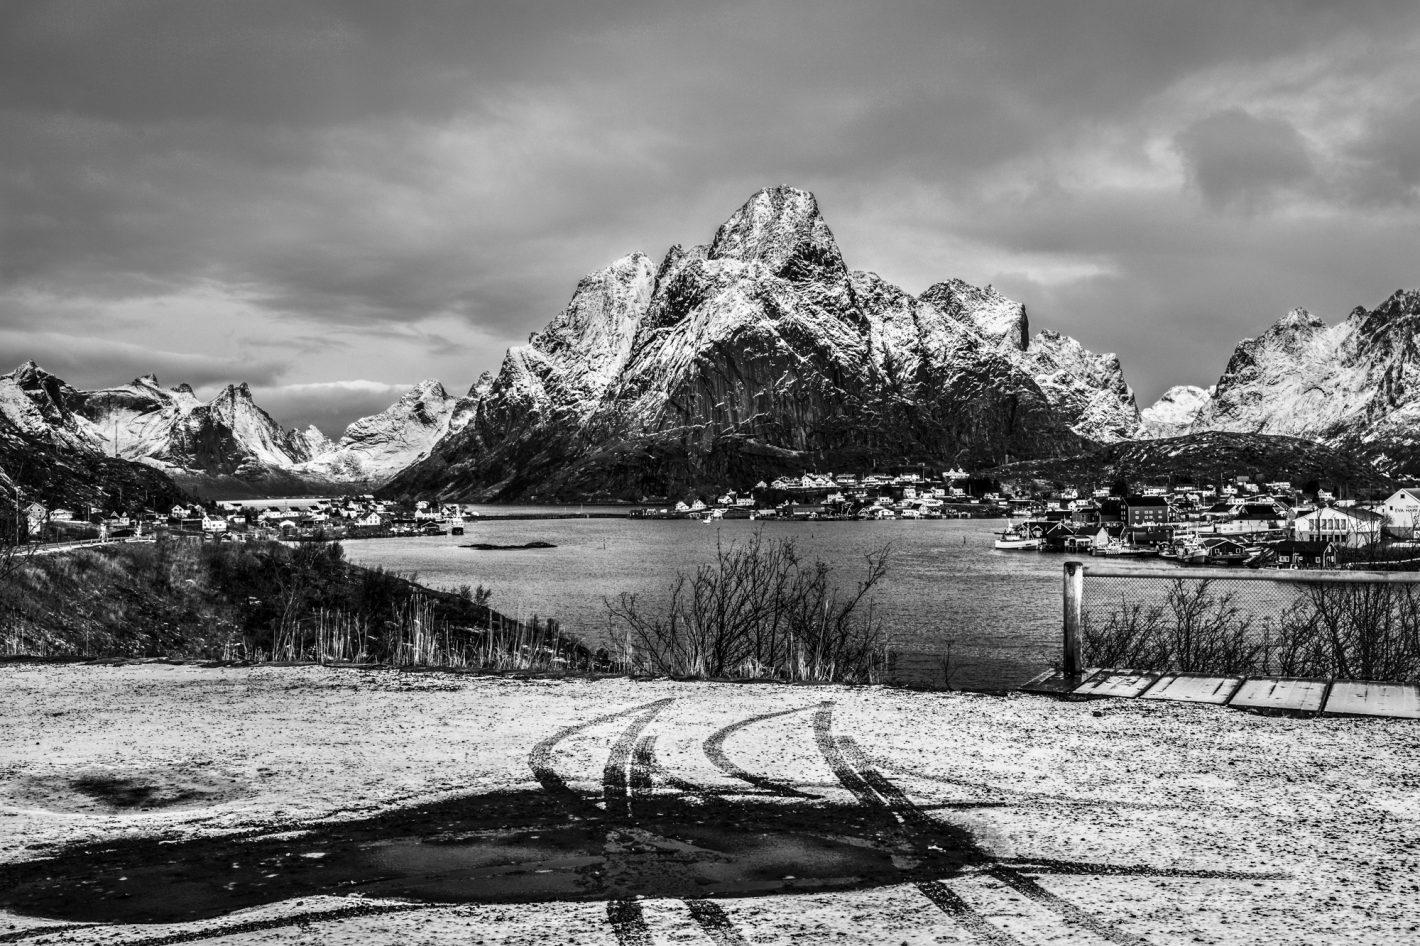 Nordic Noir © Sébastien Van Malleghem